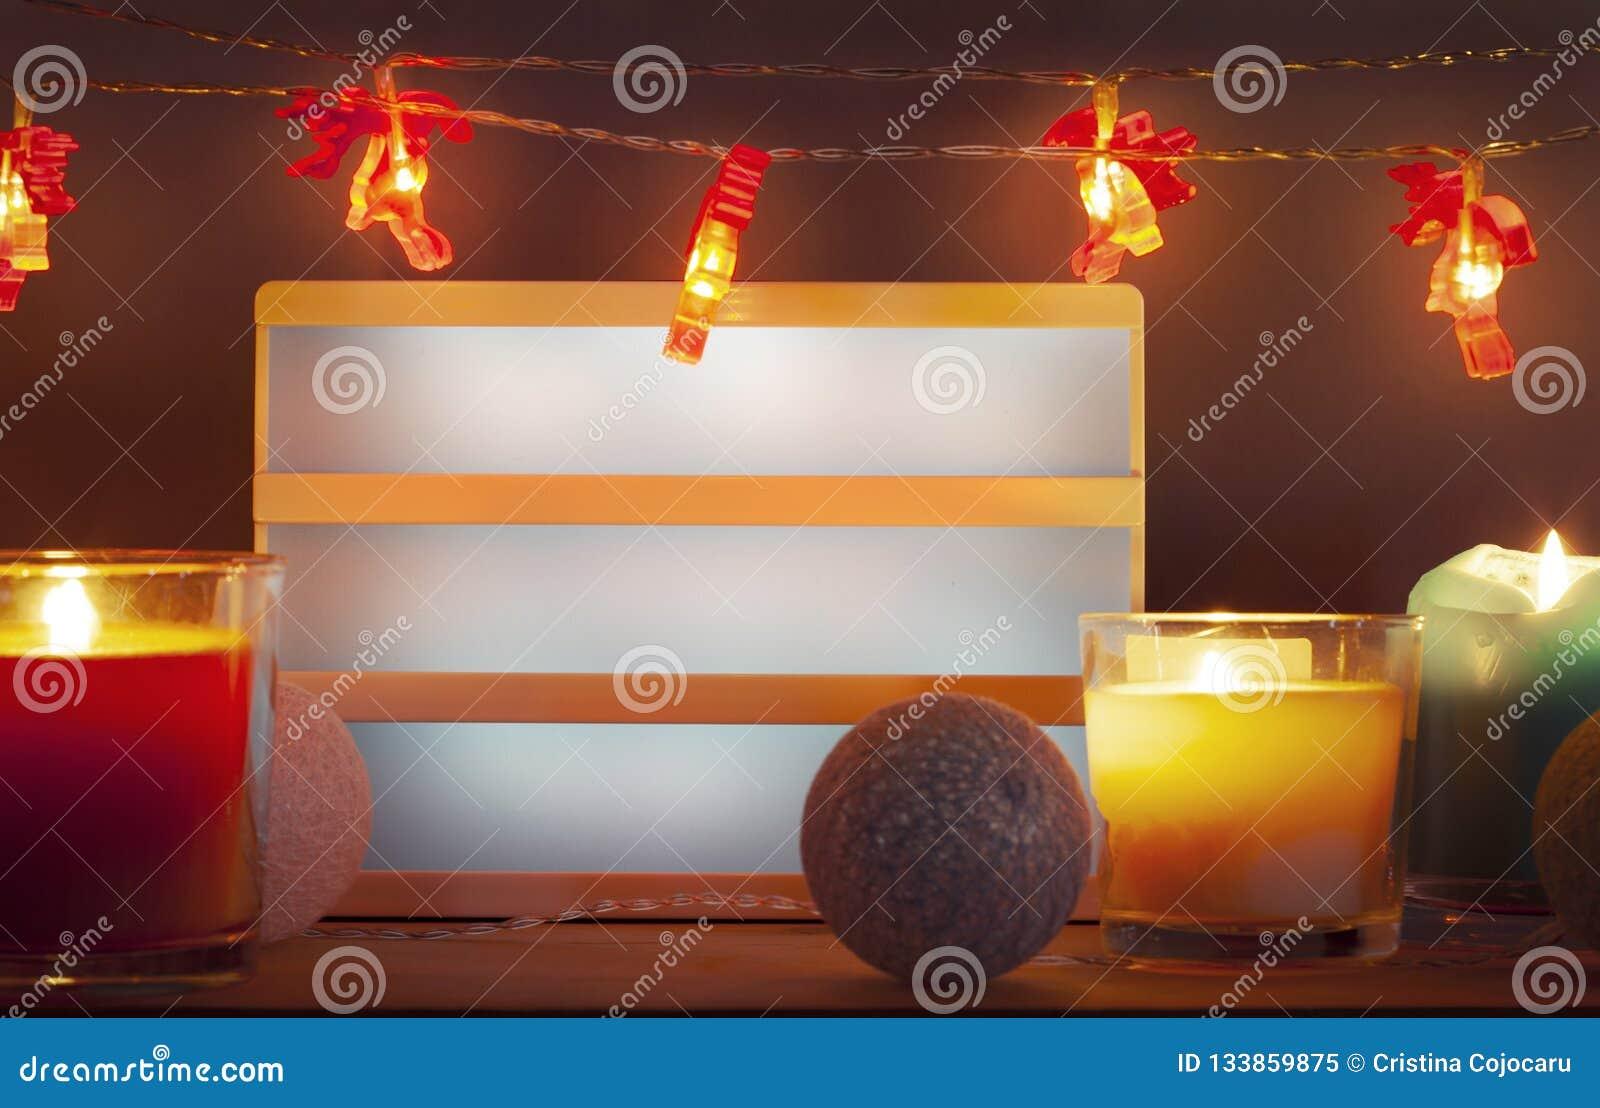 Leeres lighbox und Weihnachtsdekorationen mit Kerzen